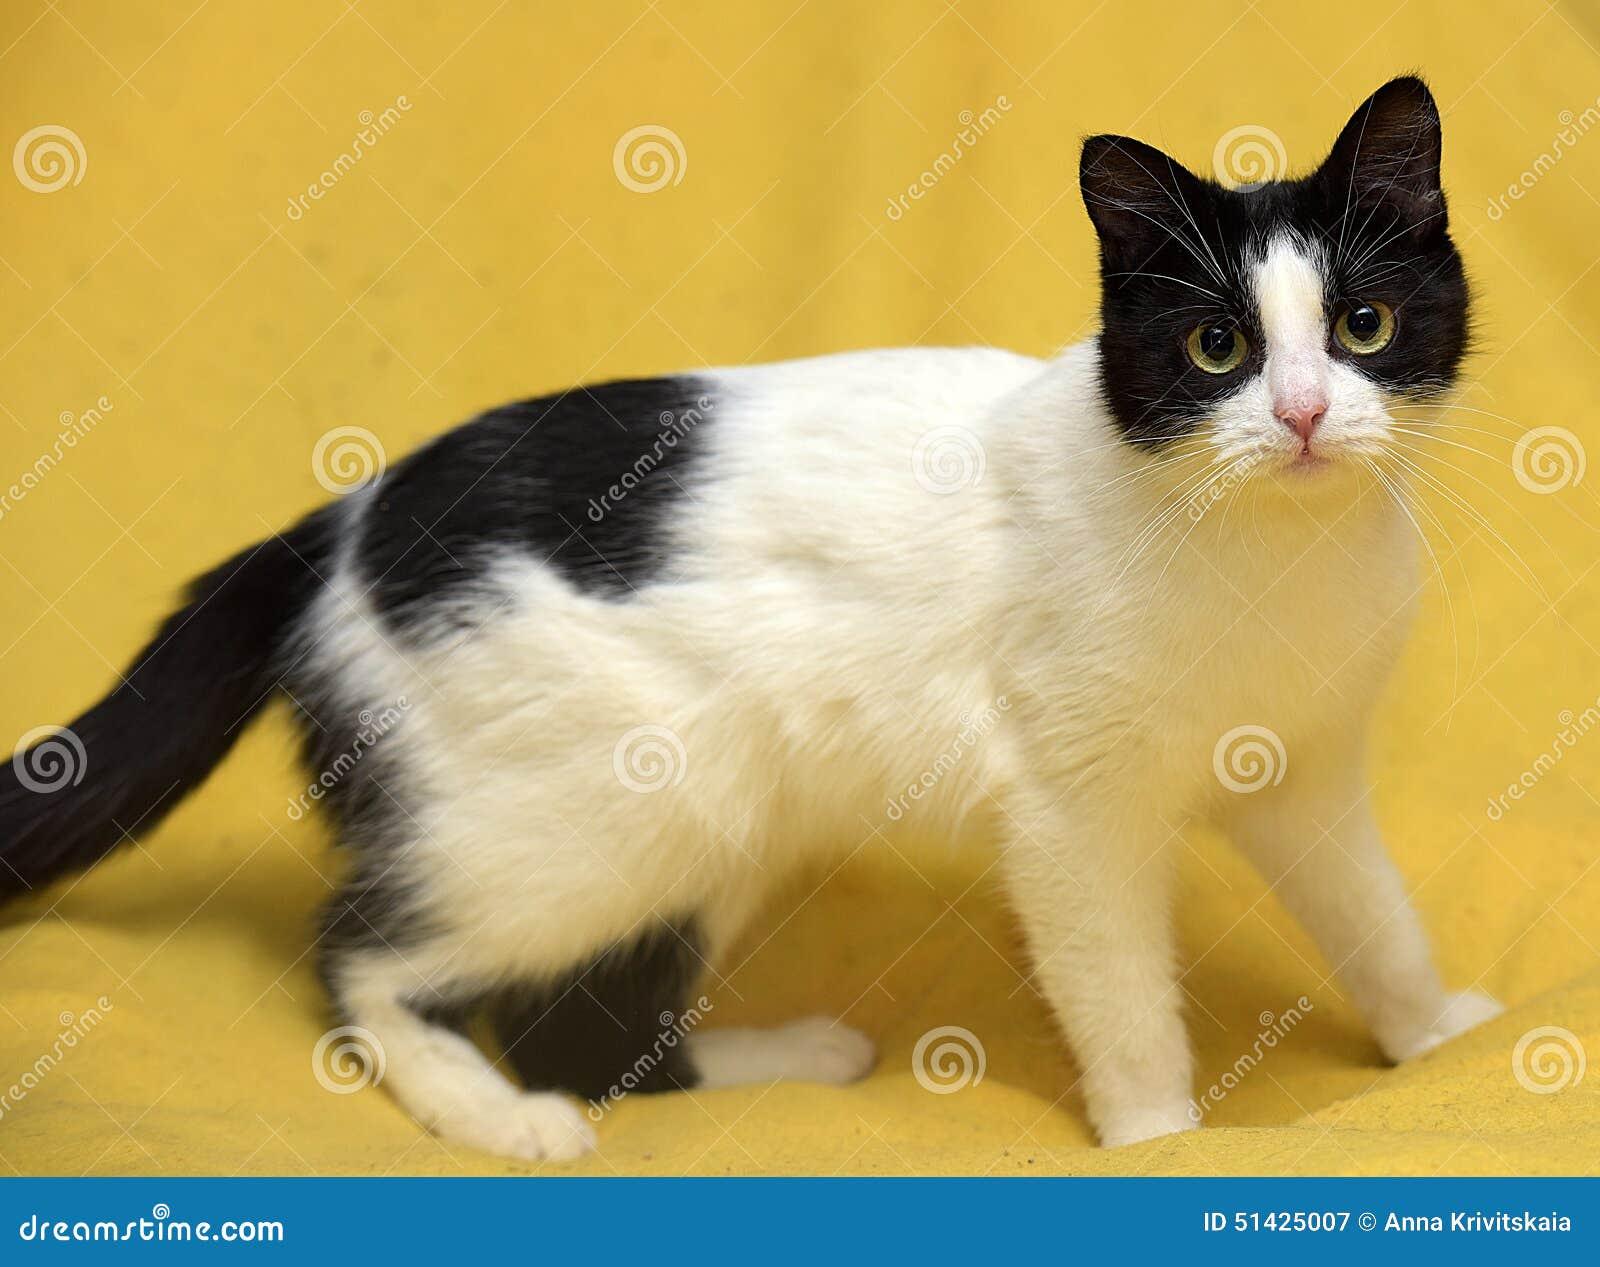 Gato Blanco Y Negro Con Los Ojos Amarillos Imagen De